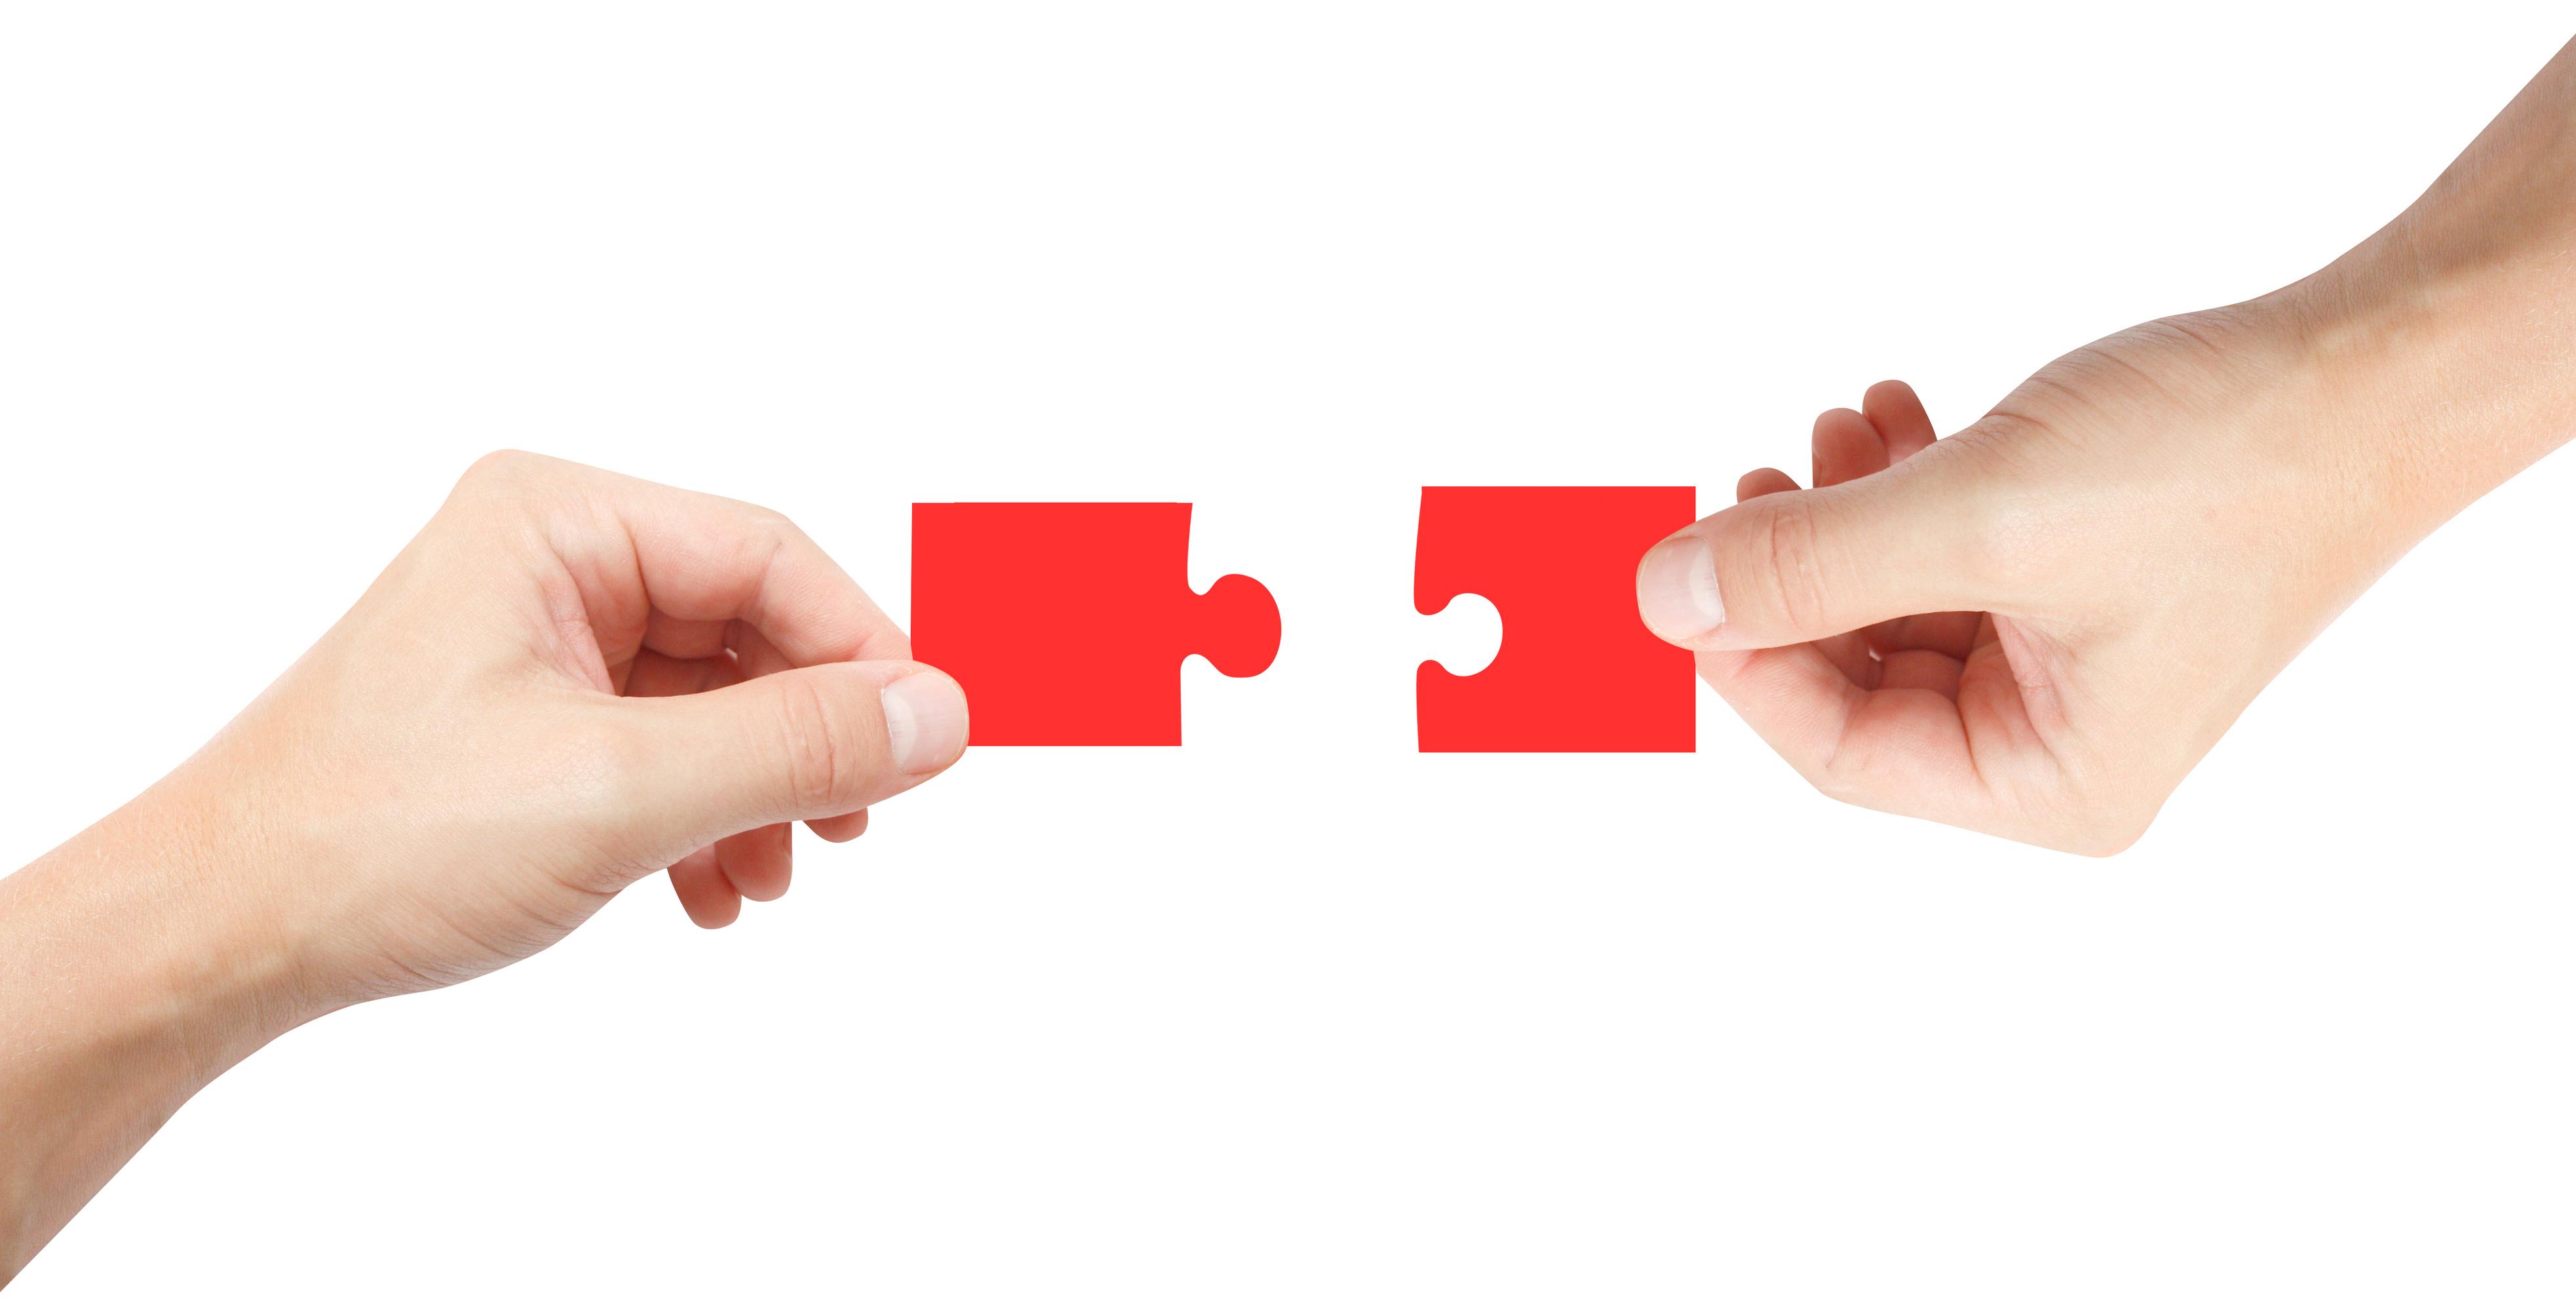 Engagement, uno de los bienes más preciados en Social Marketing